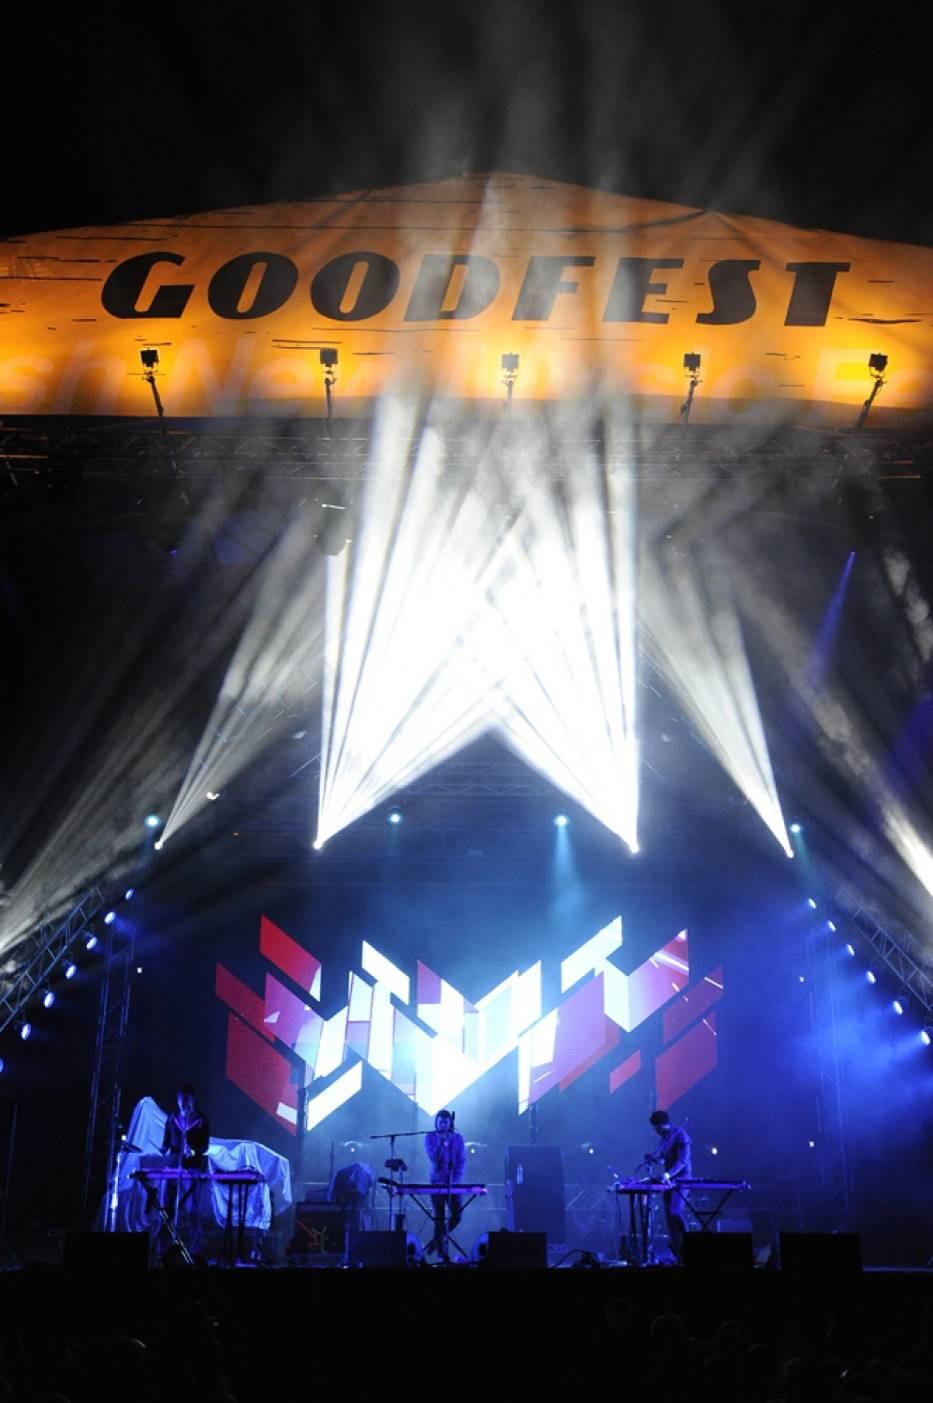 Festiwal GOODFEST